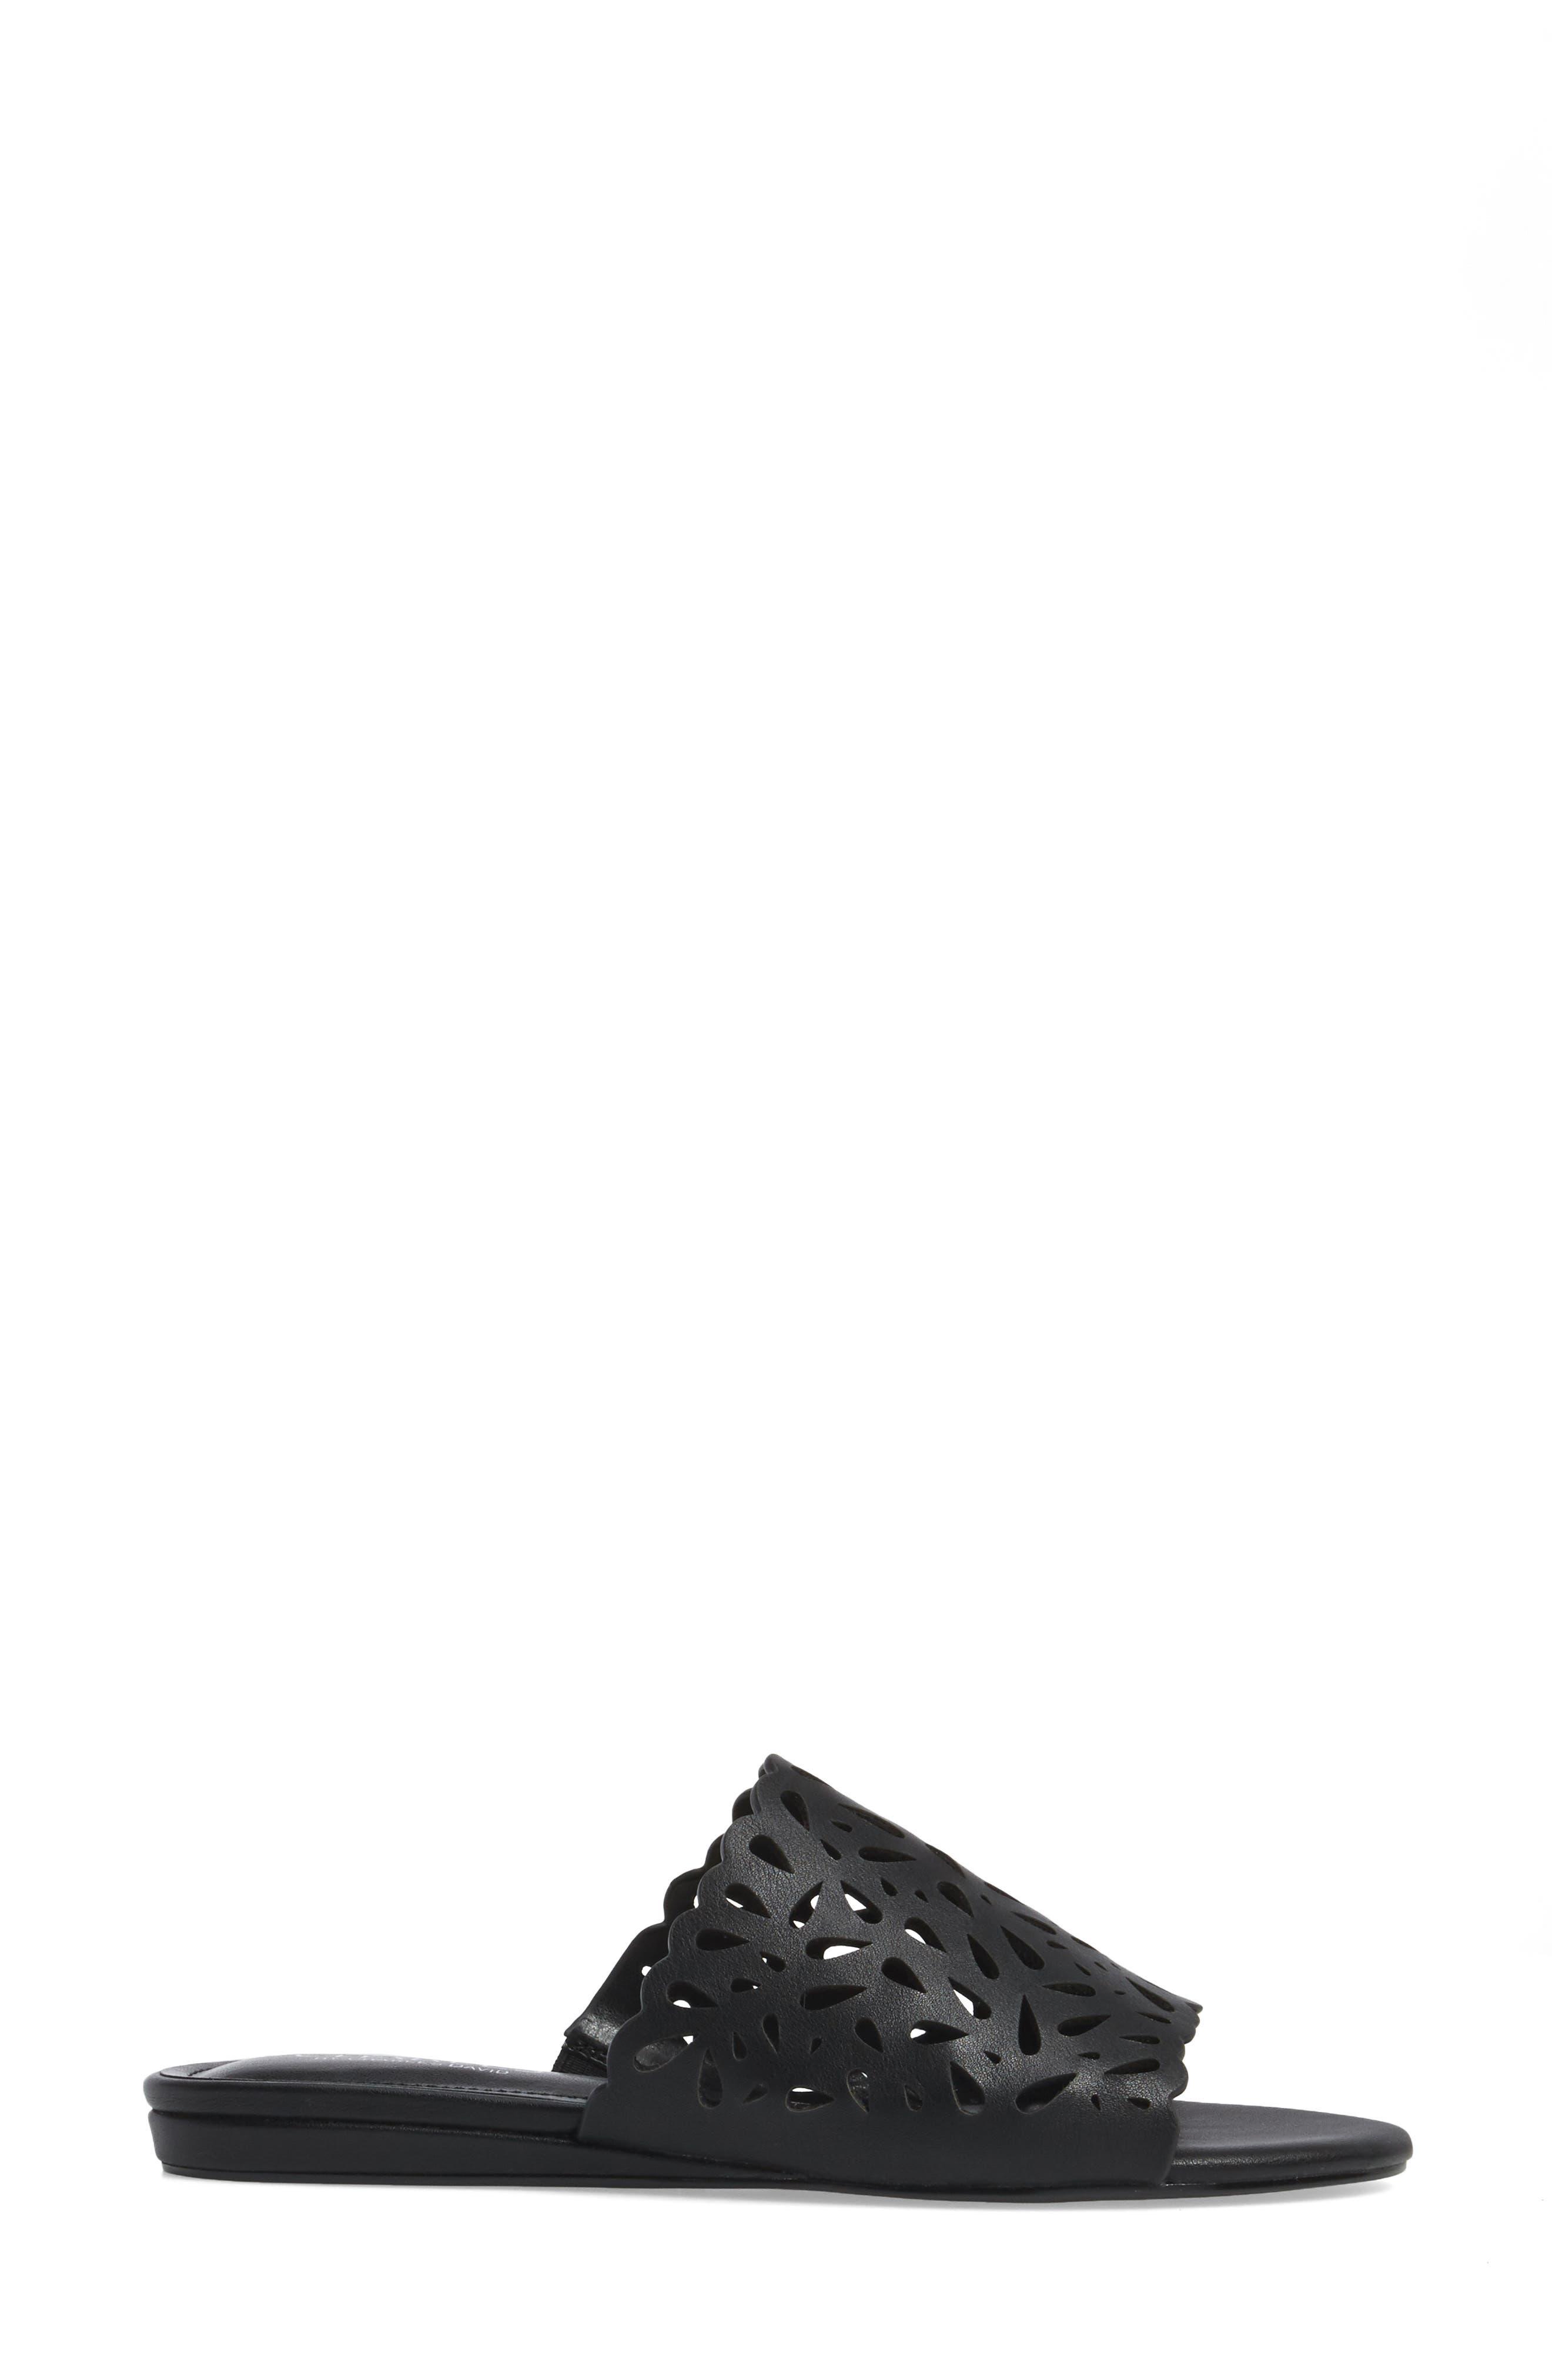 Model Slide Sandal,                             Alternate thumbnail 7, color,